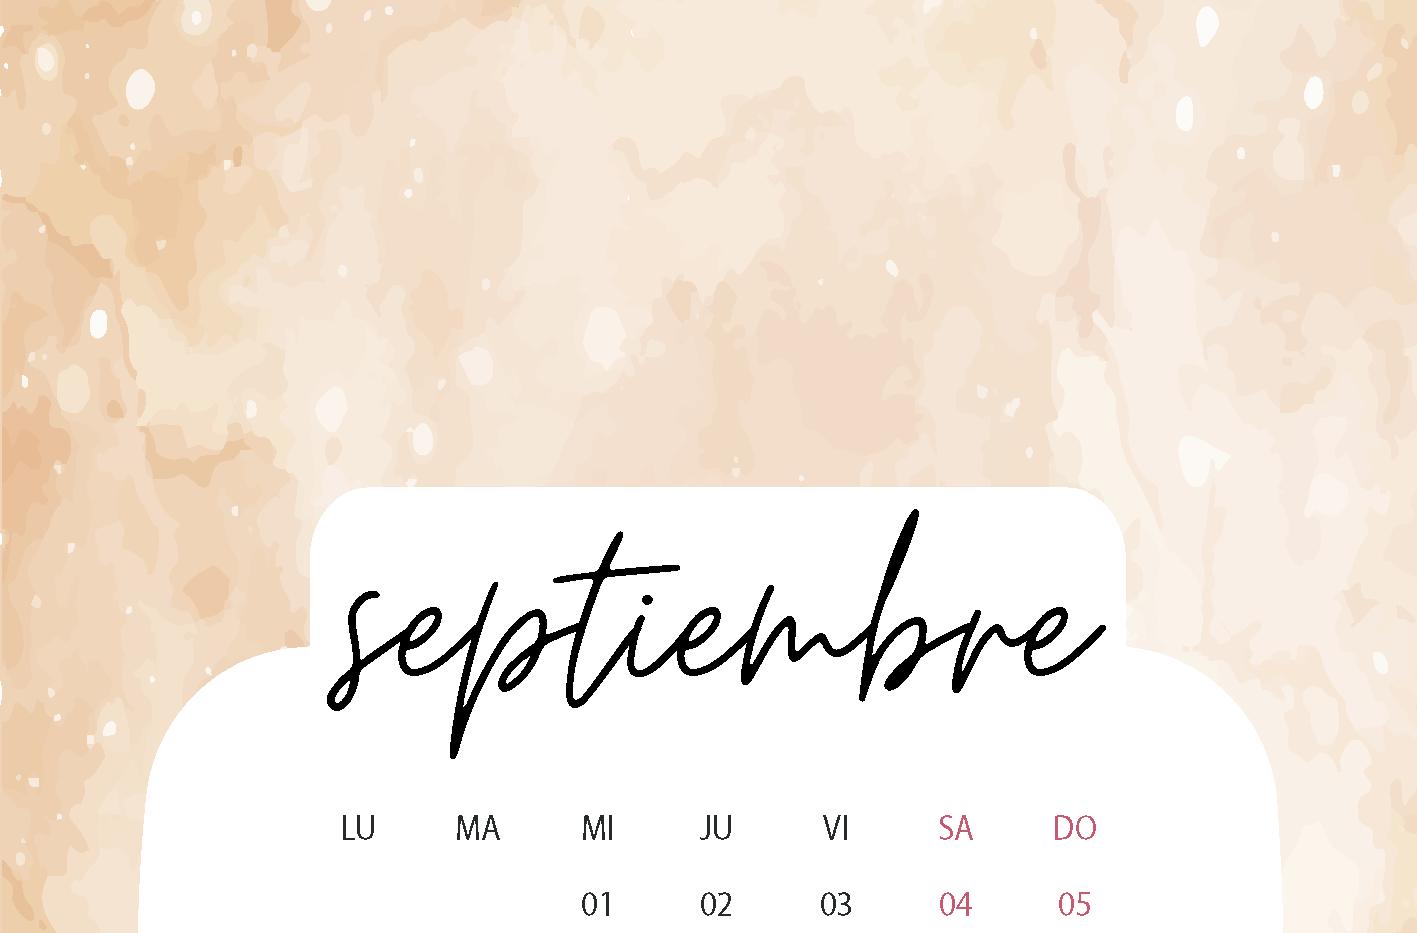 Calendario lindo 2 parte-03.png